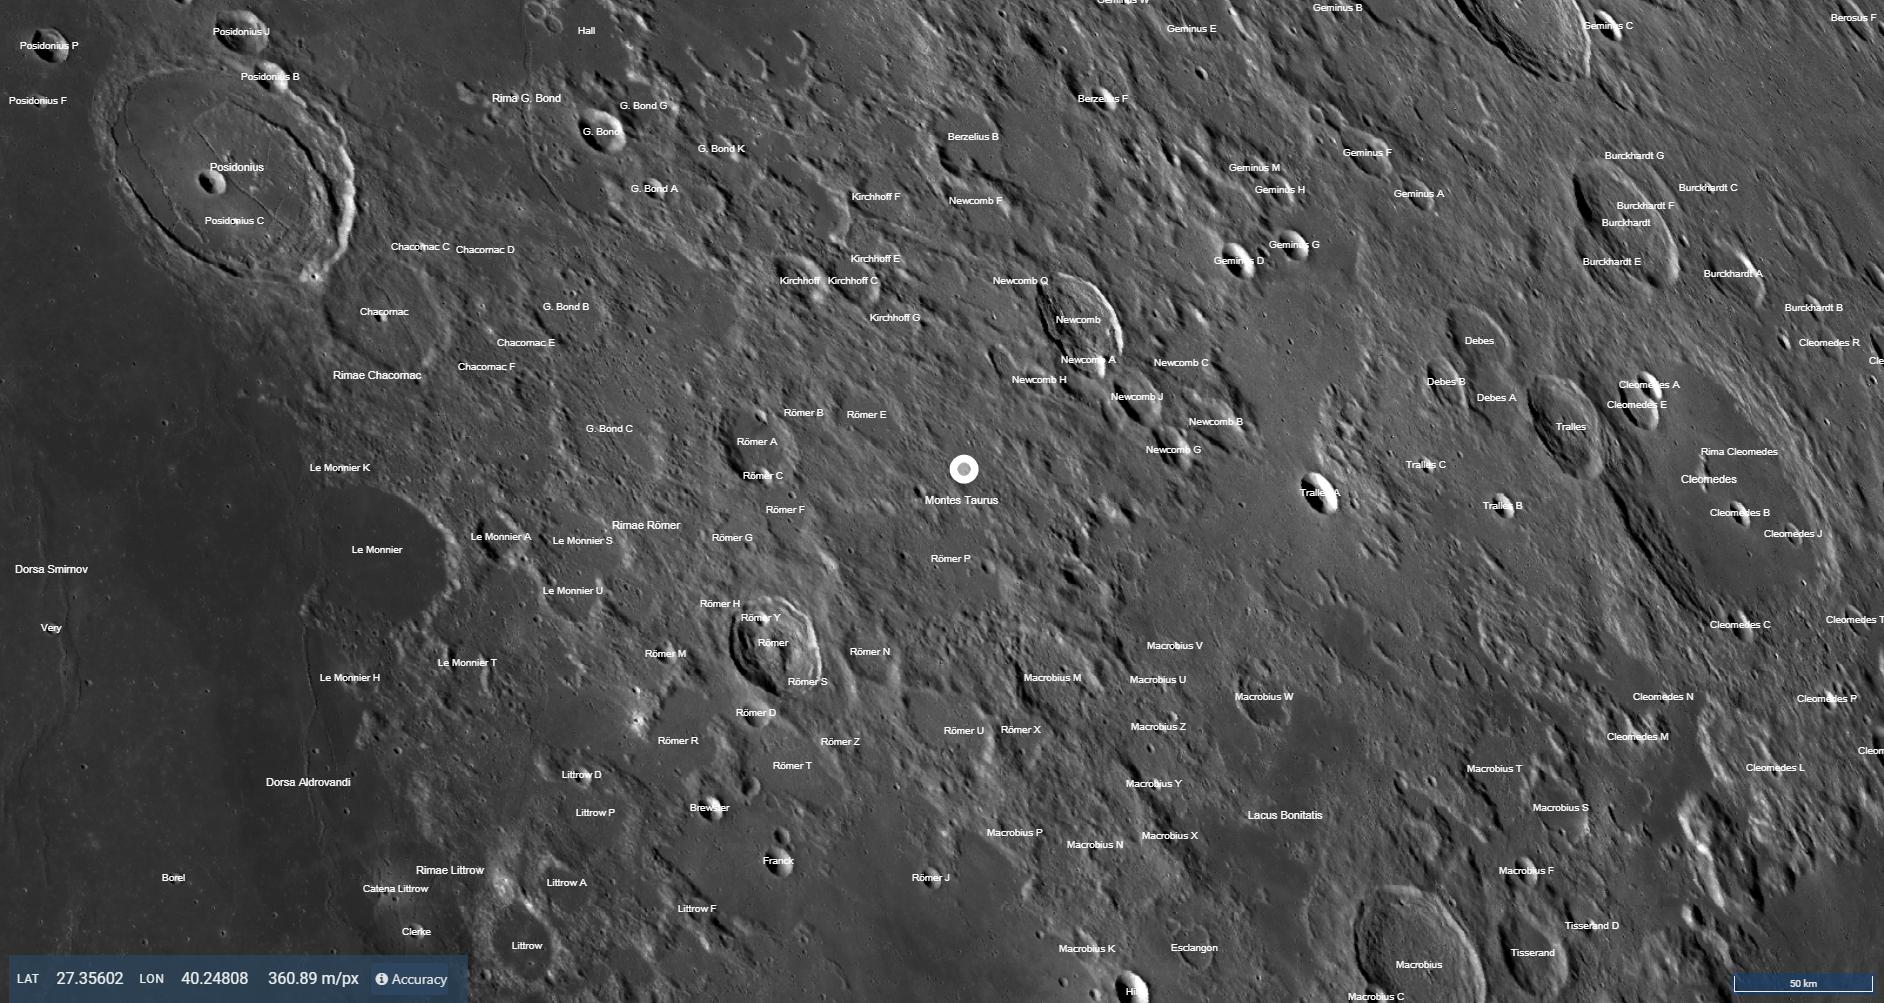 Montes Taurus (Taurus Mountains) on the Moon (Photomap)